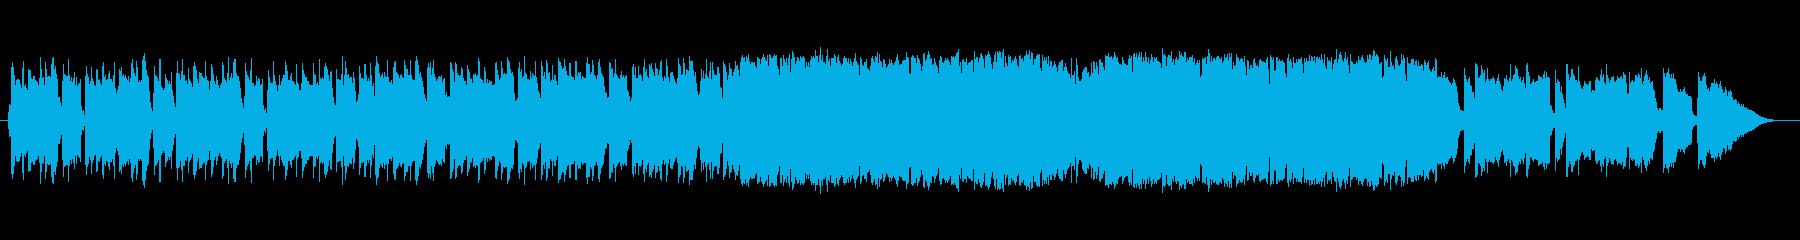 日常+ちょっとしたワクワク感の再生済みの波形